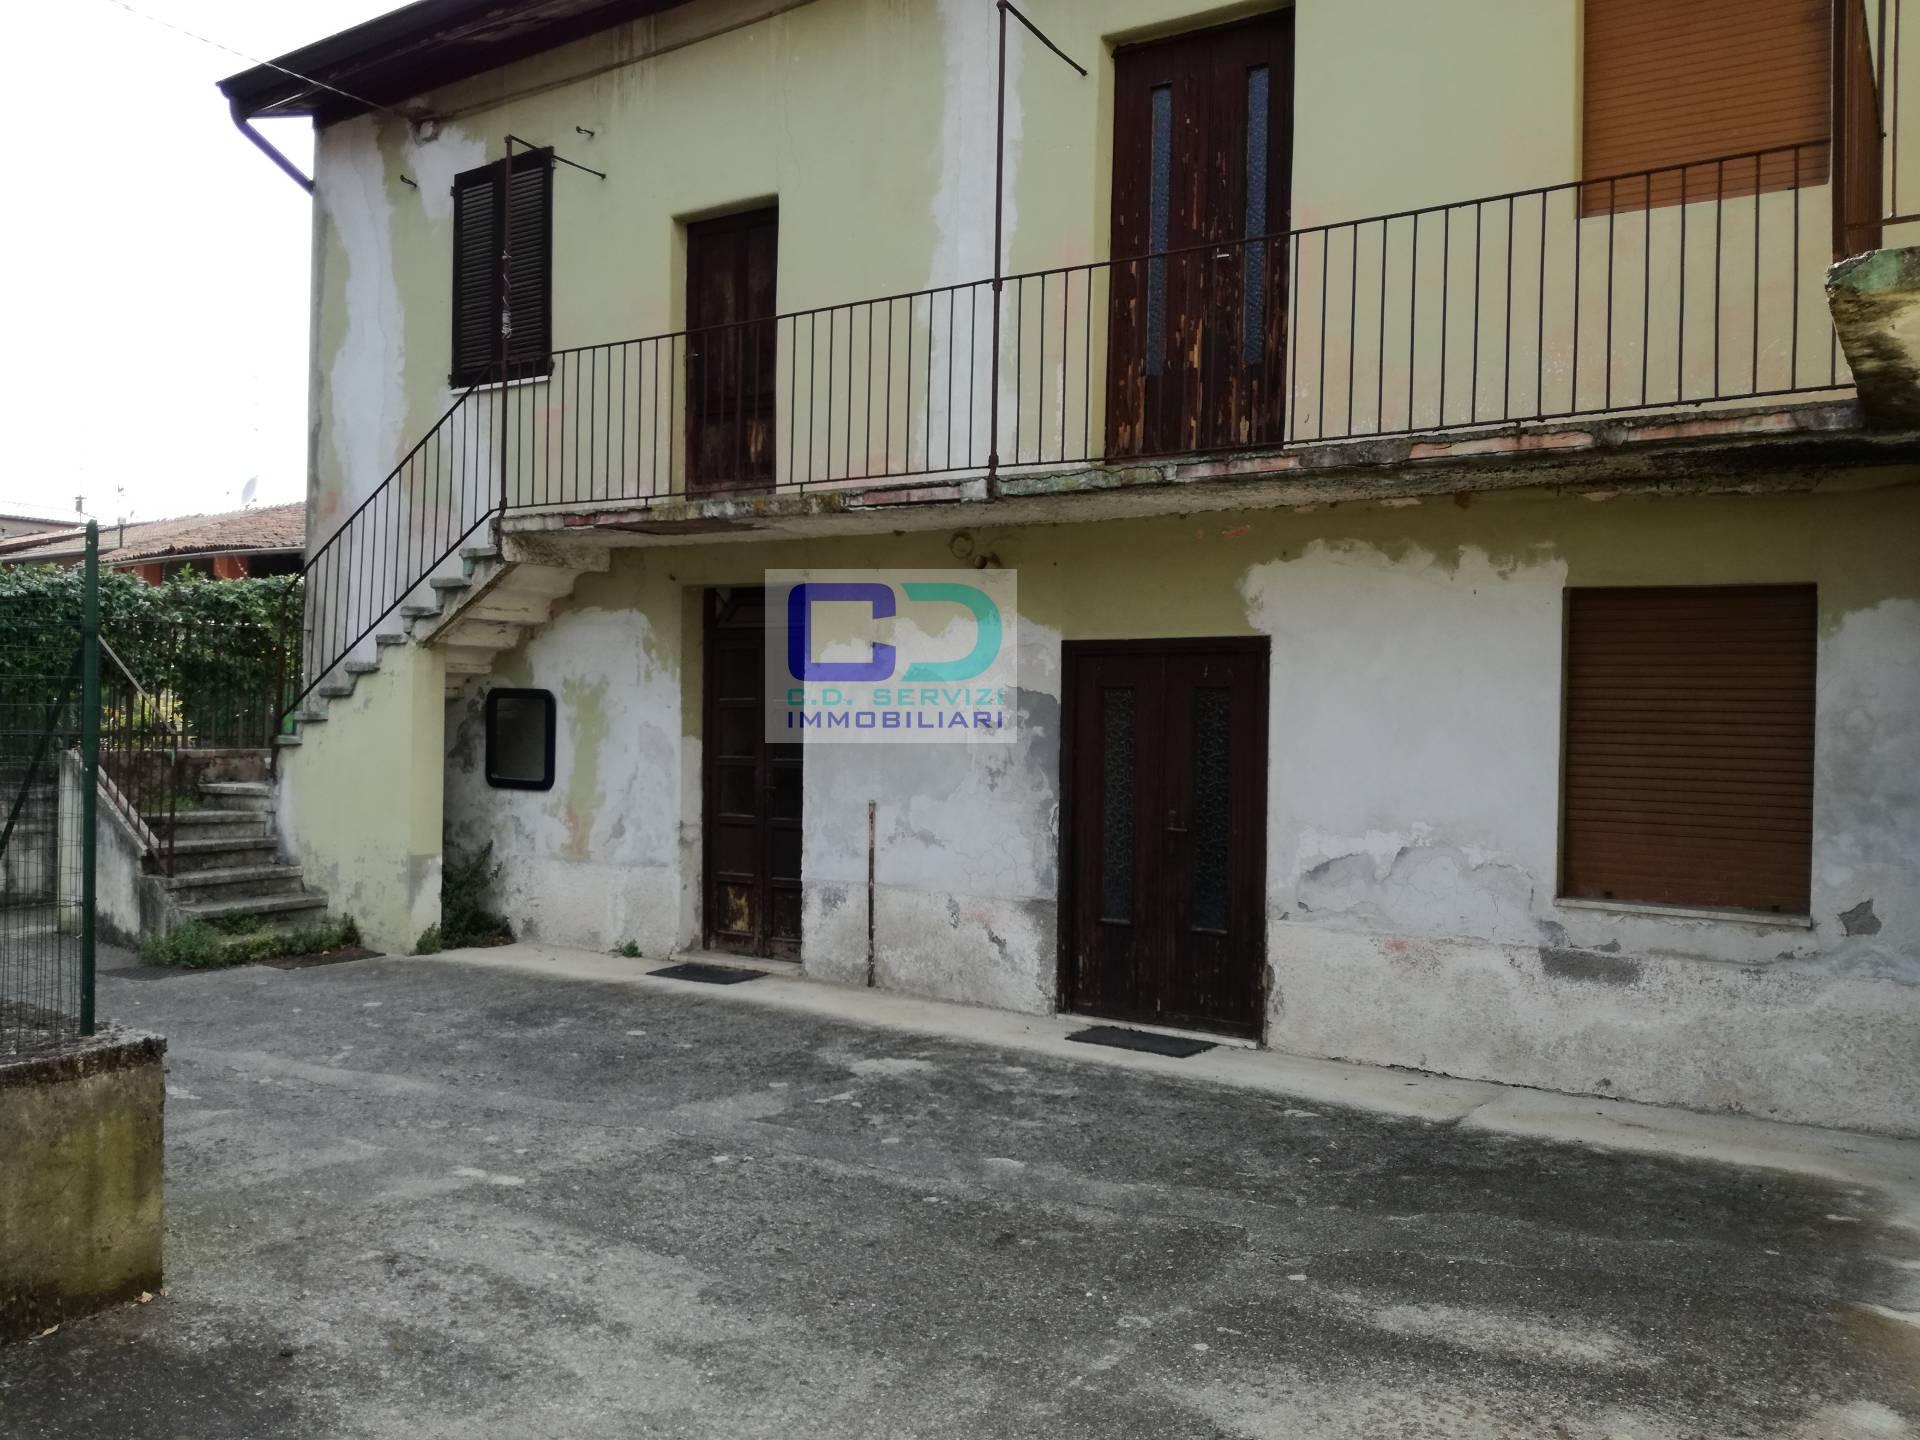 Rustico / Casale in vendita a Ciserano, 8 locali, Trattative riservate | PortaleAgenzieImmobiliari.it